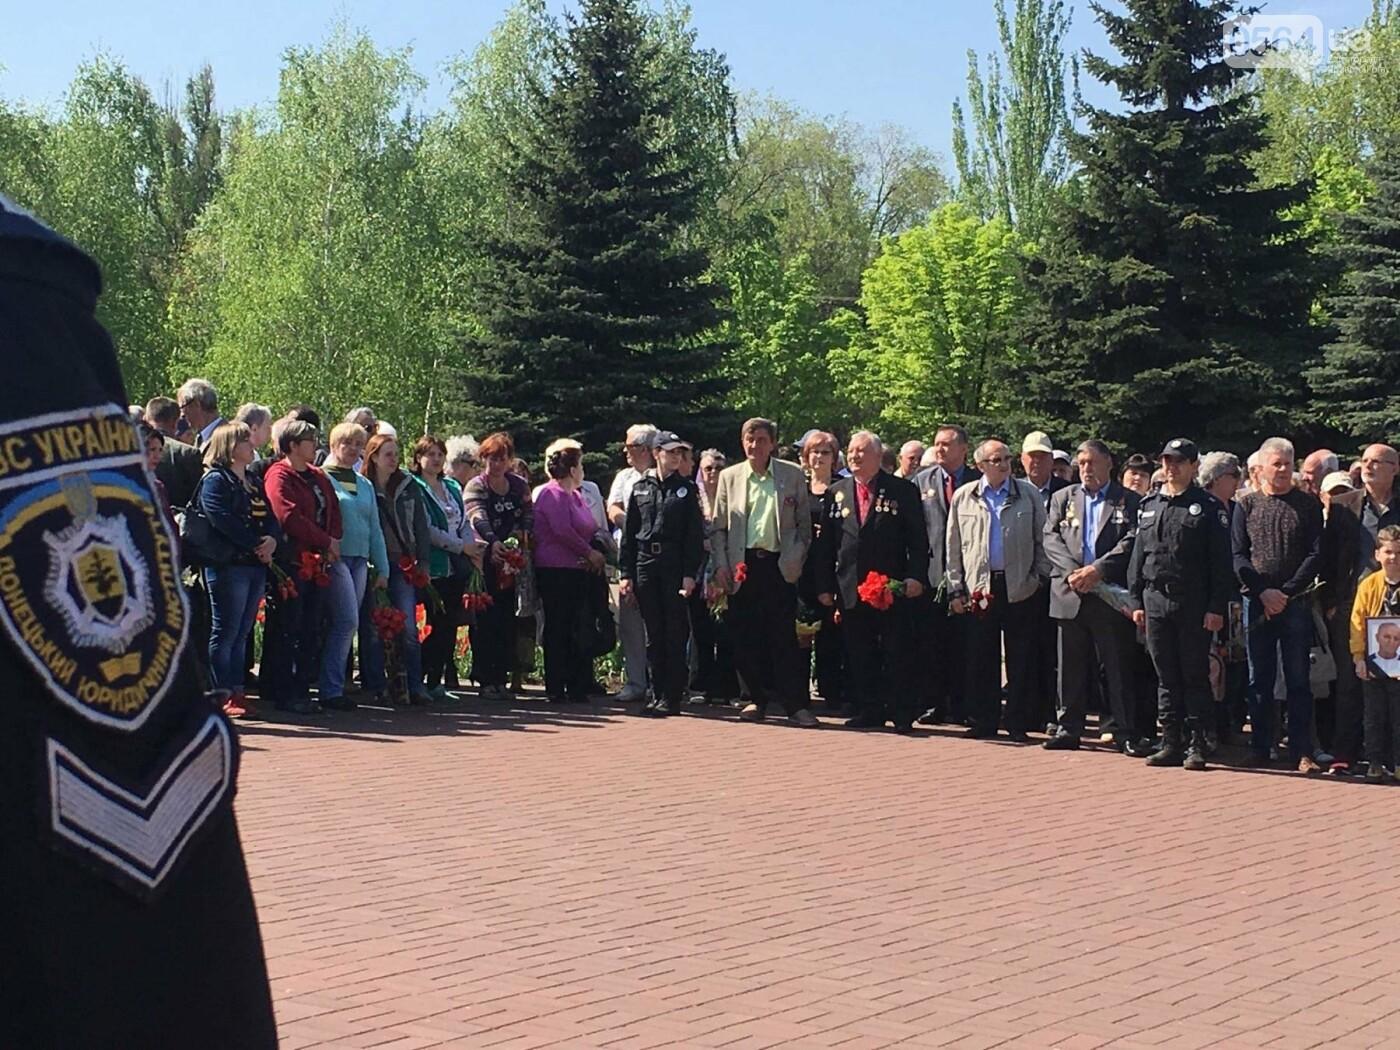 Чернобыльская катастрофа: В Кривом Роге прошел митинг-реквием в память о тех, кто пожертвовал собой во имя спасения сограждан (ФОТО, ВИДЕО), фото-12